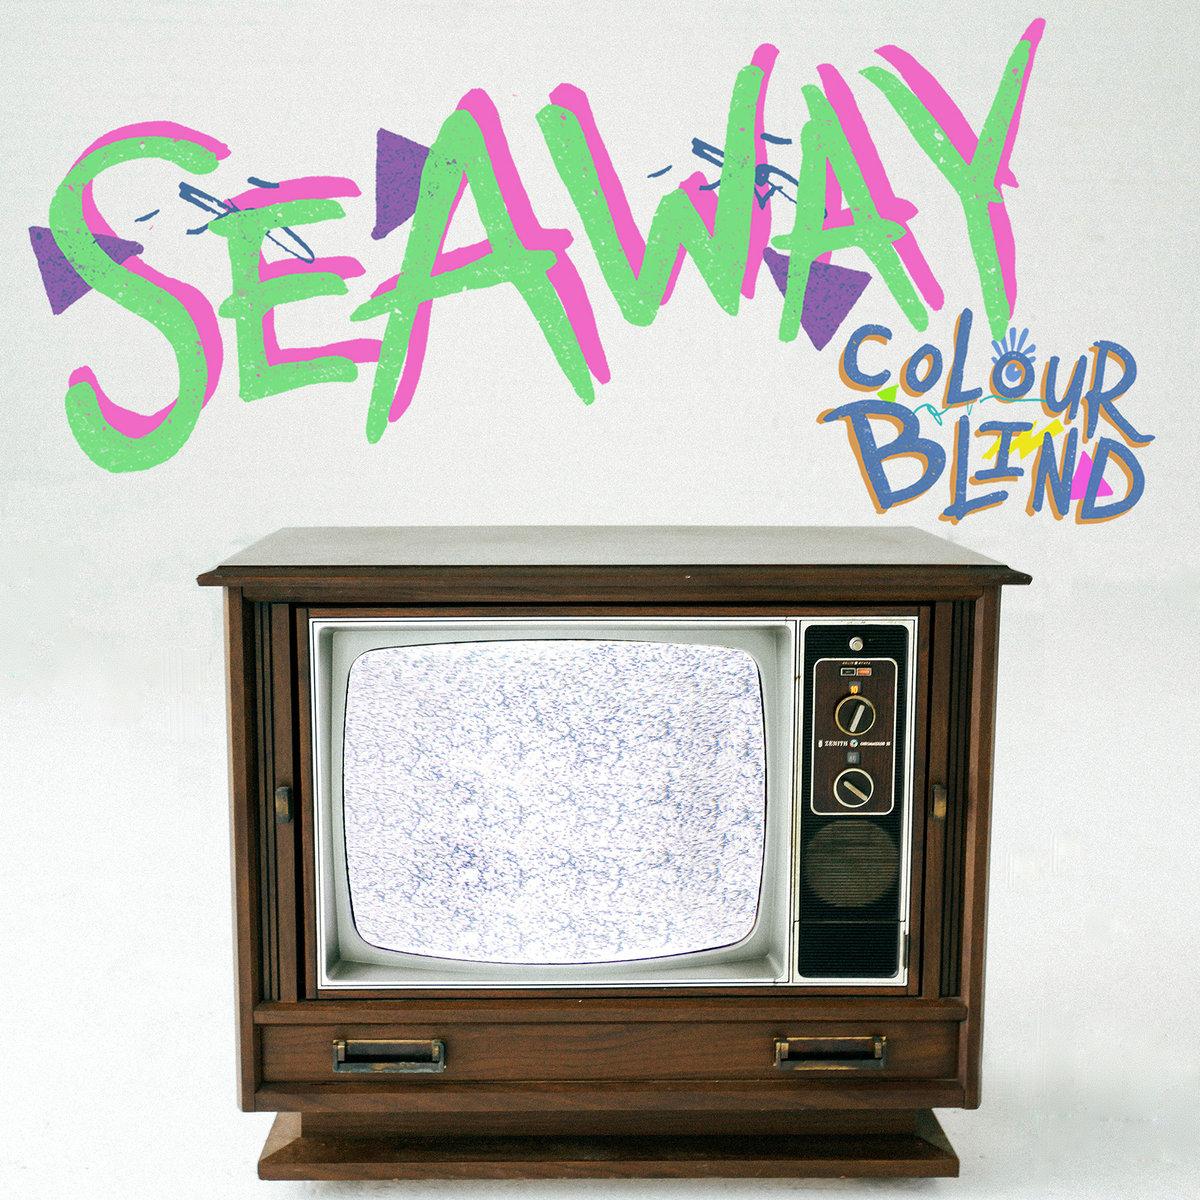 Seaway+ColourBlind.jpg